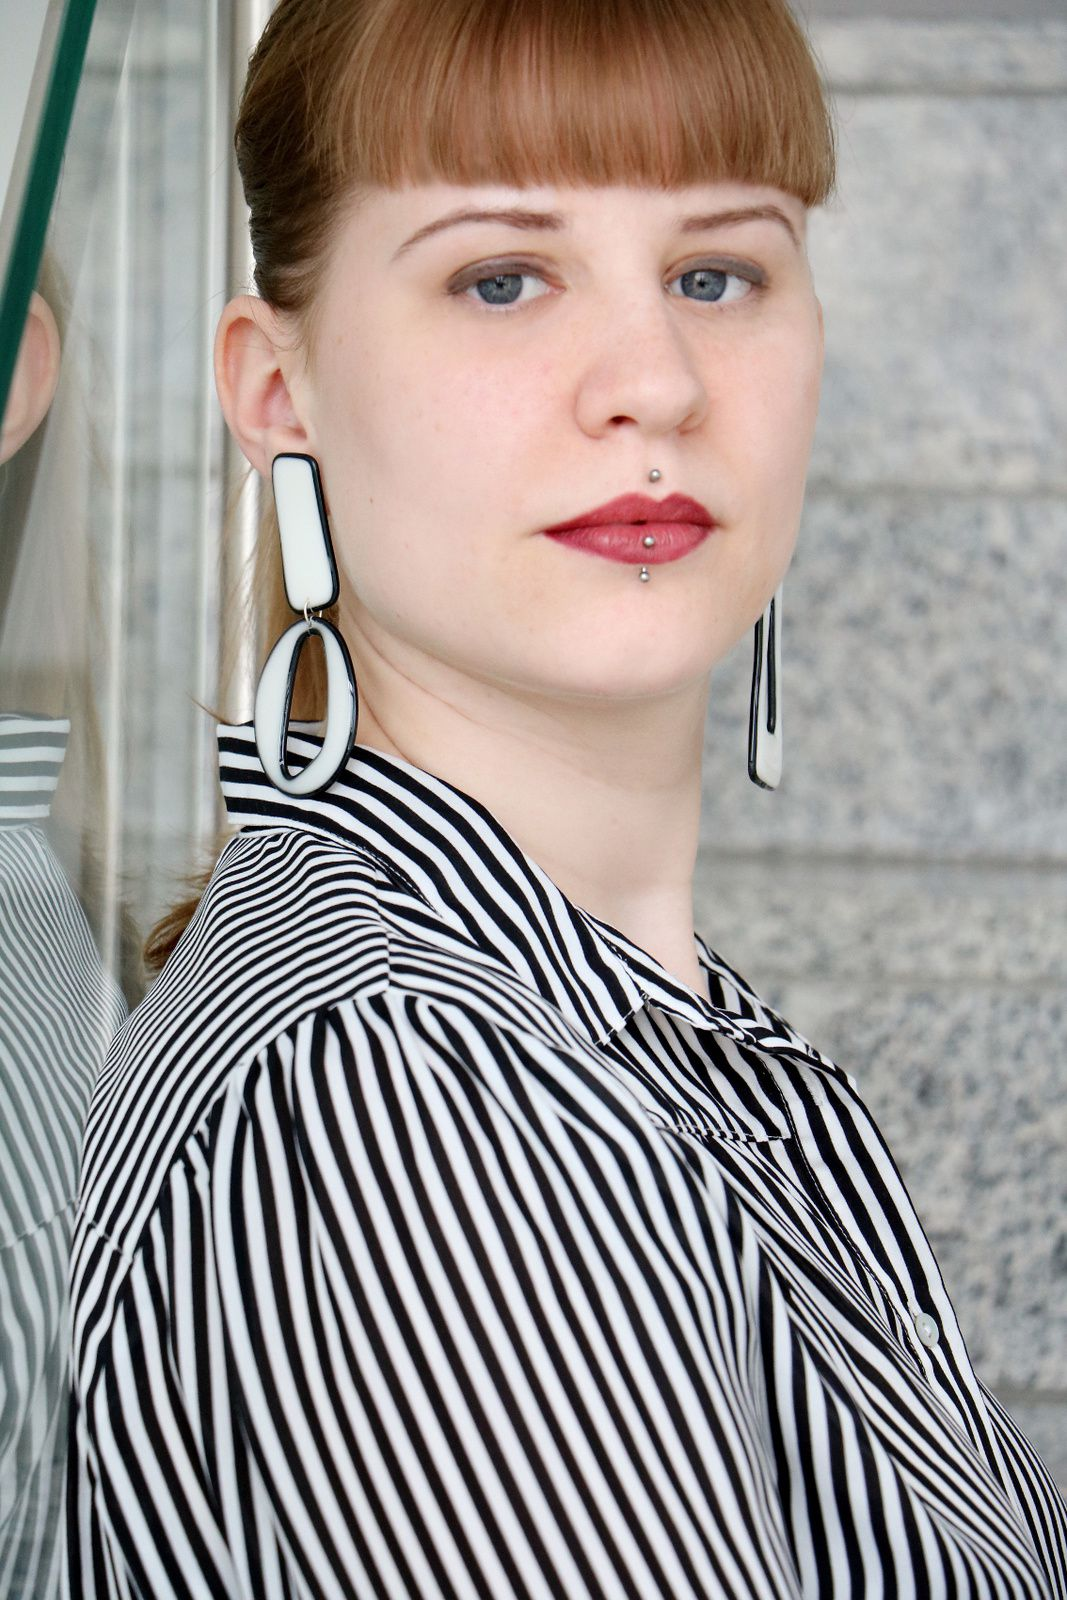 Ohrringe im 80-er-Jahre-Look aus Kunstharz von Edna Mo, erhältlich über Etsy.